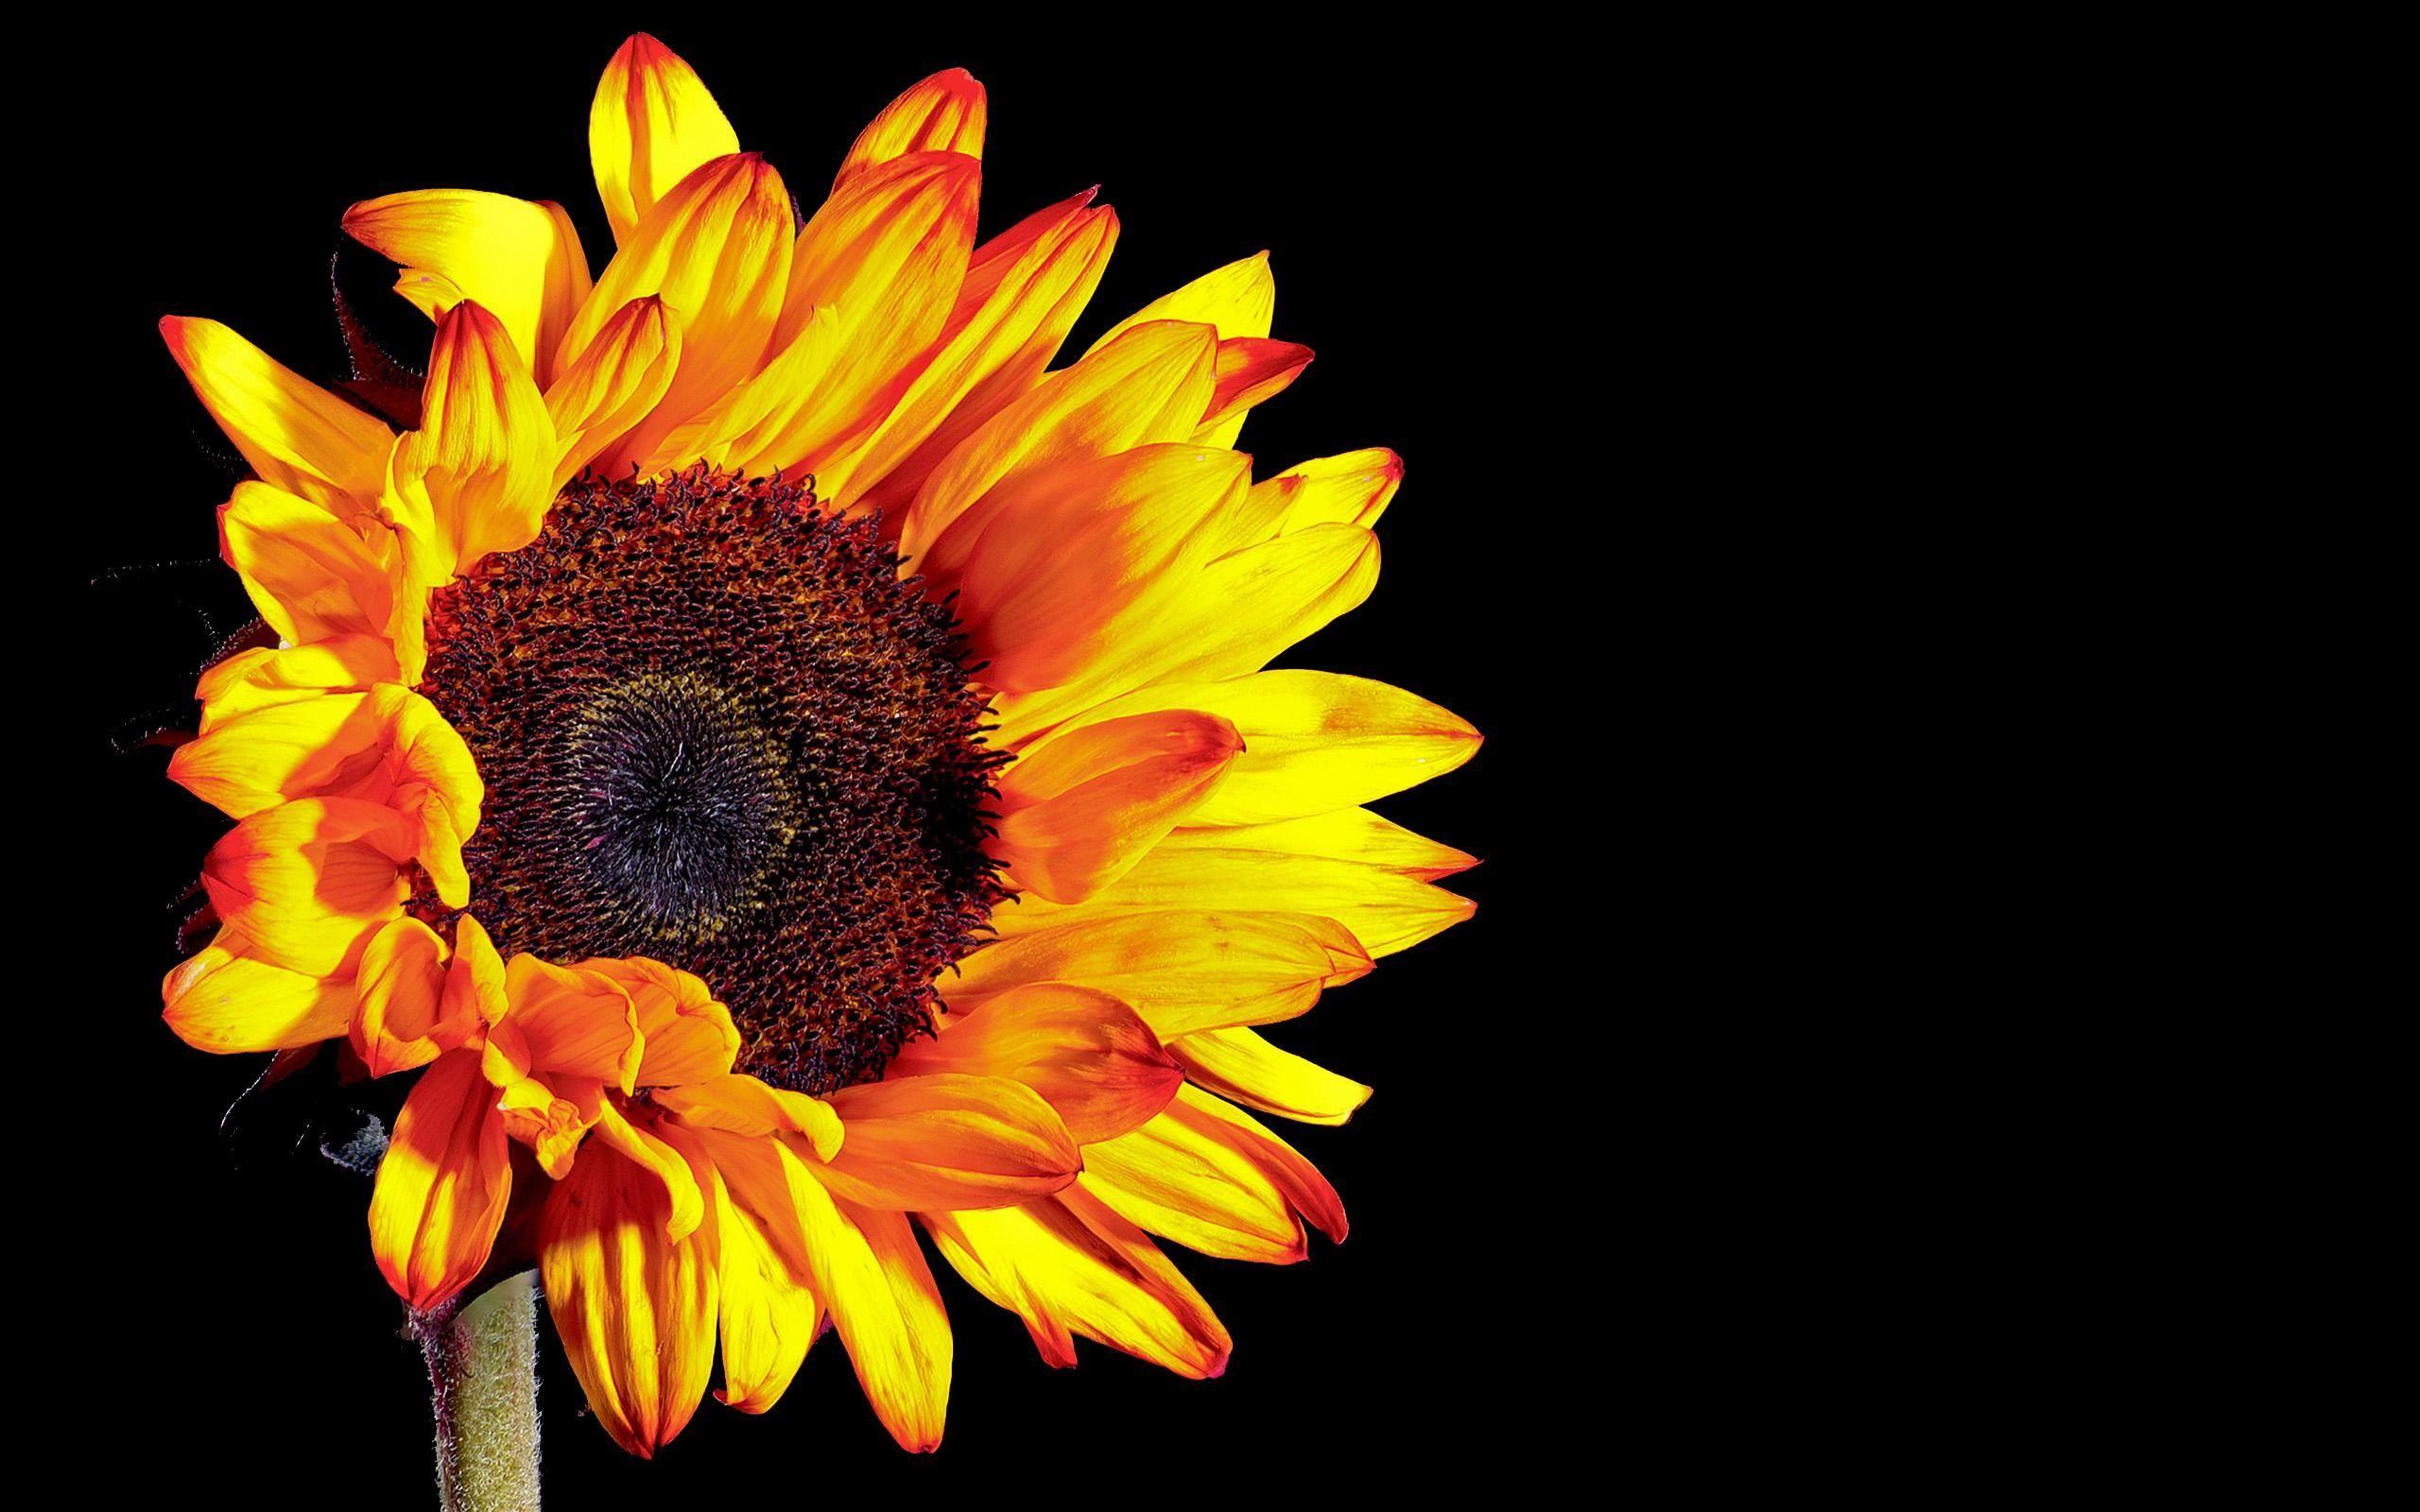 sunflower computer background